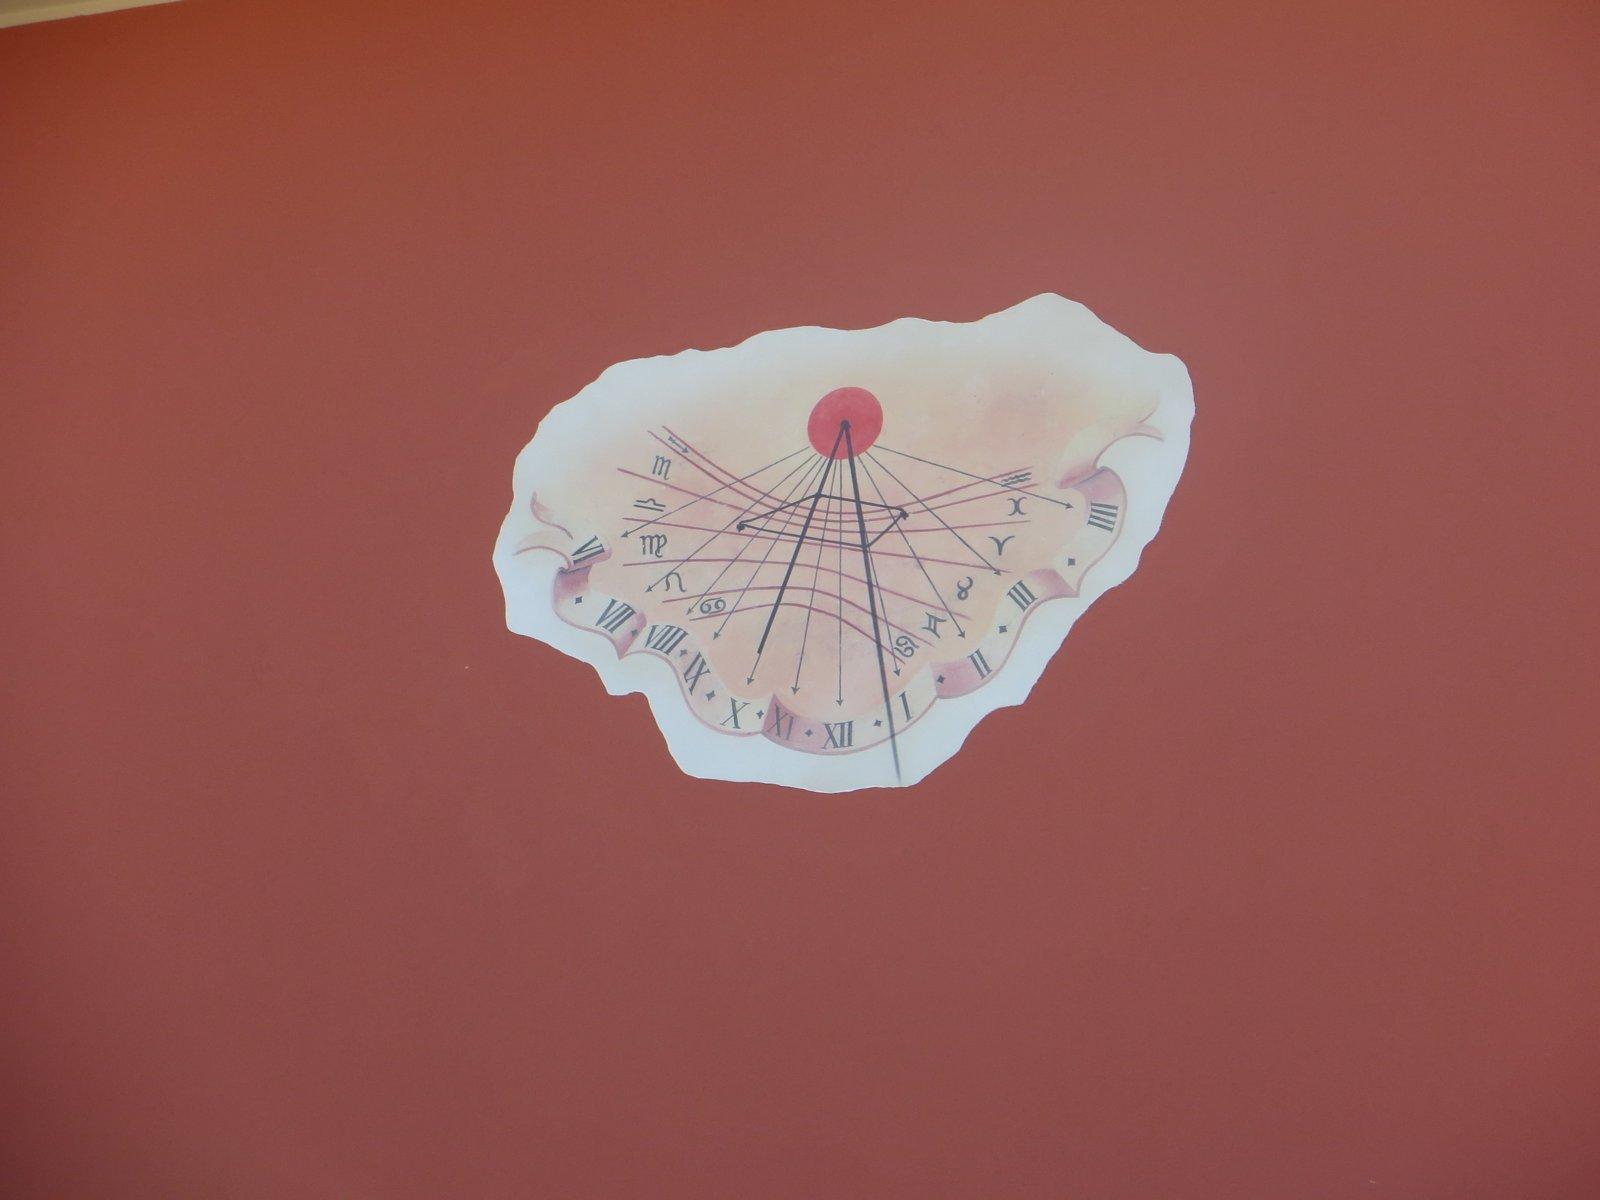 disegno su muro rosa